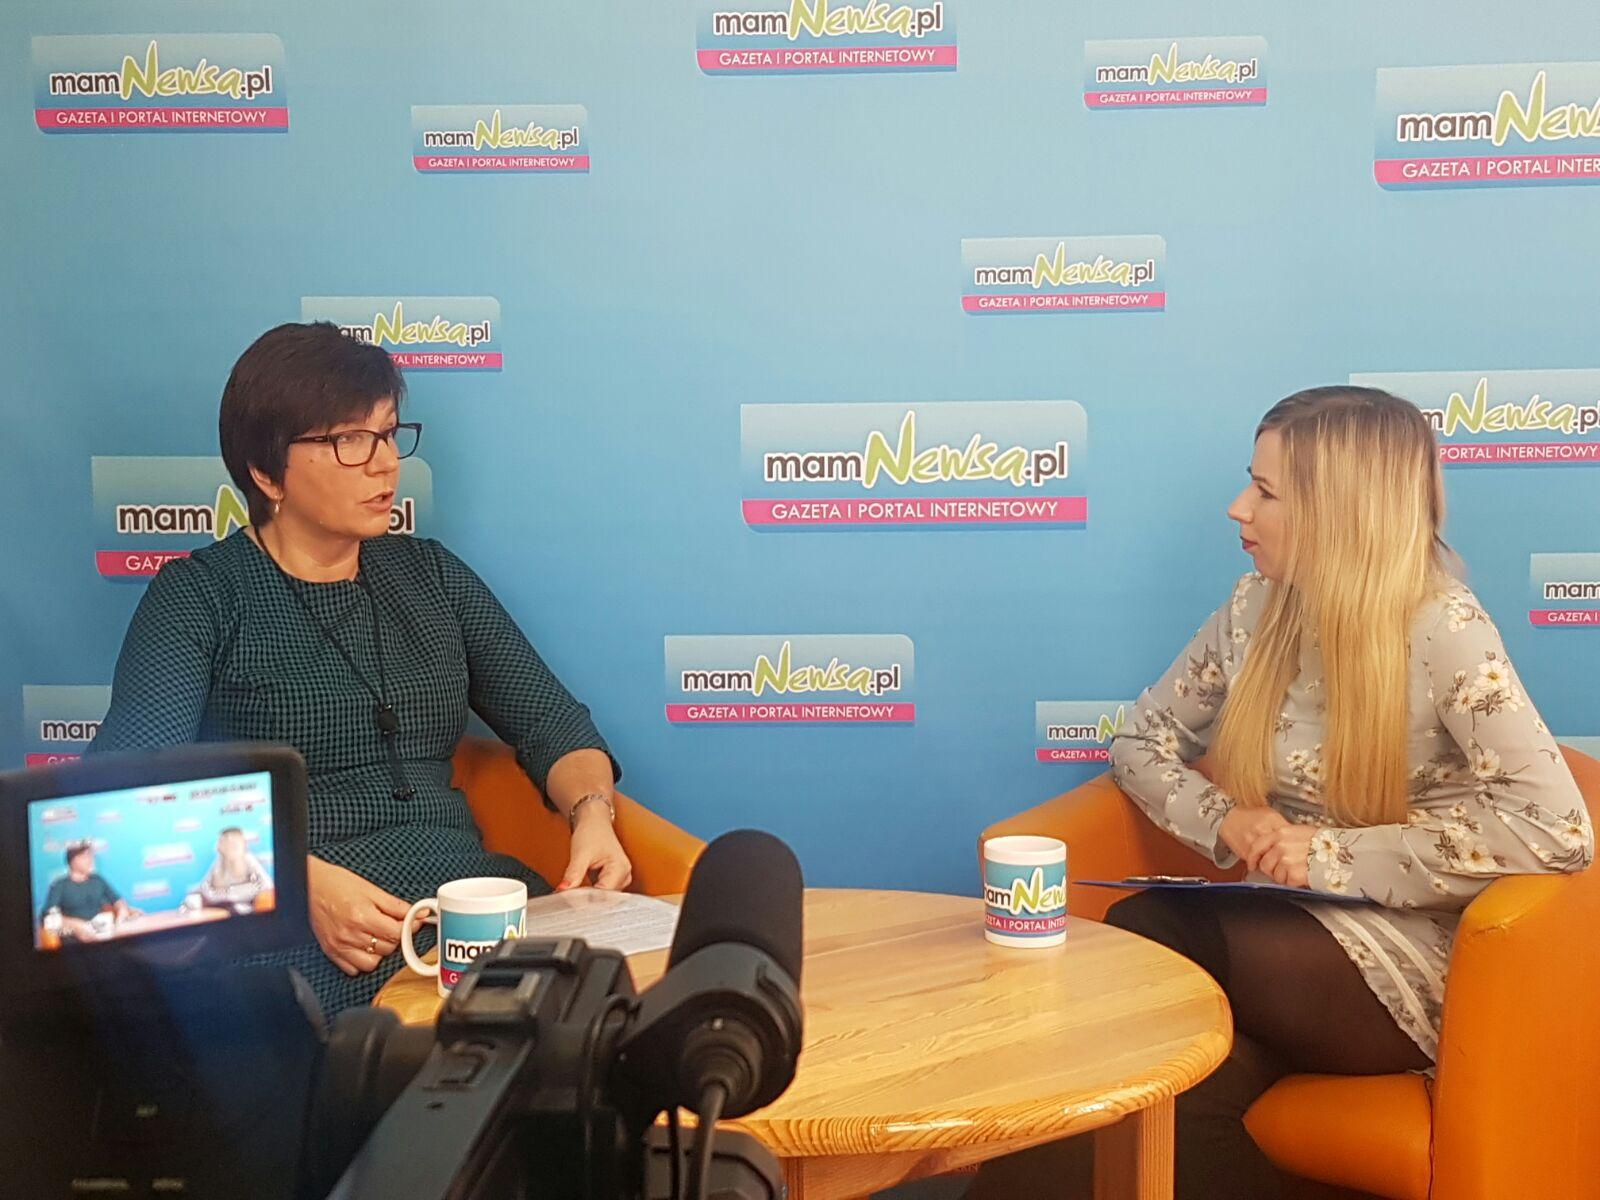 Rozmowy przy kawie z mamNewsa.pl. Alicja Studniarz